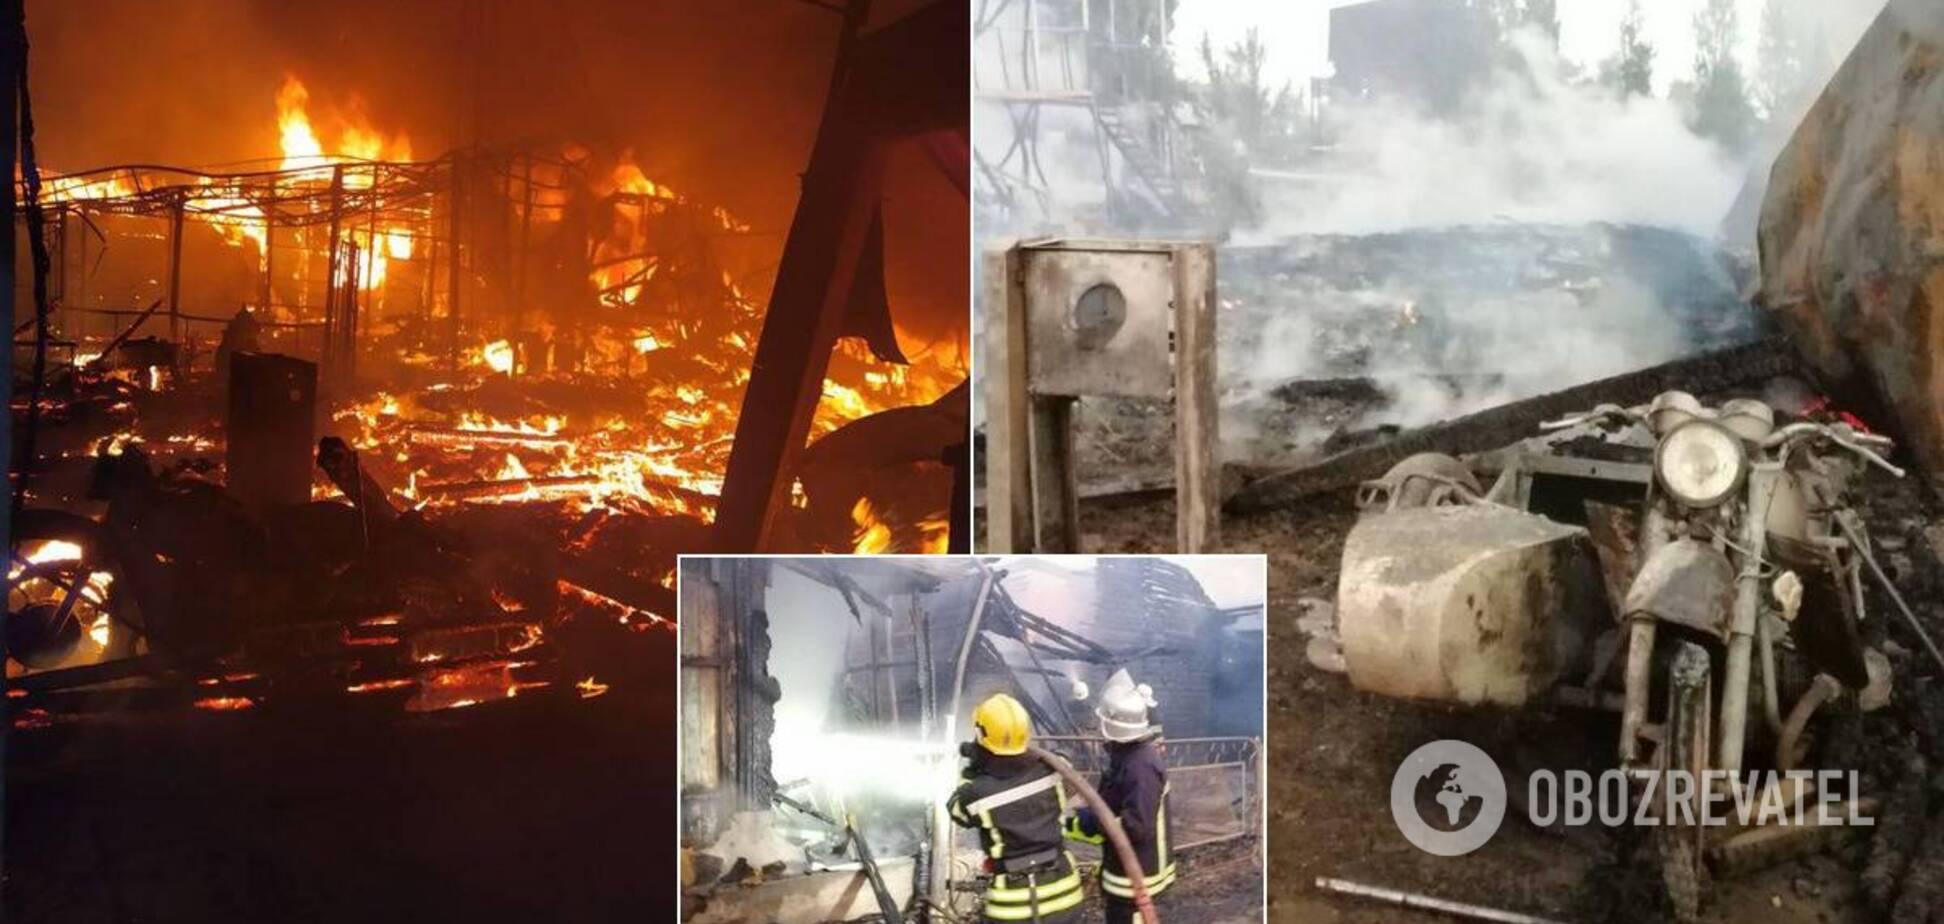 В Затоке мощный пожар уничтожил две базы отдыха: есть пострадавшие. Фото